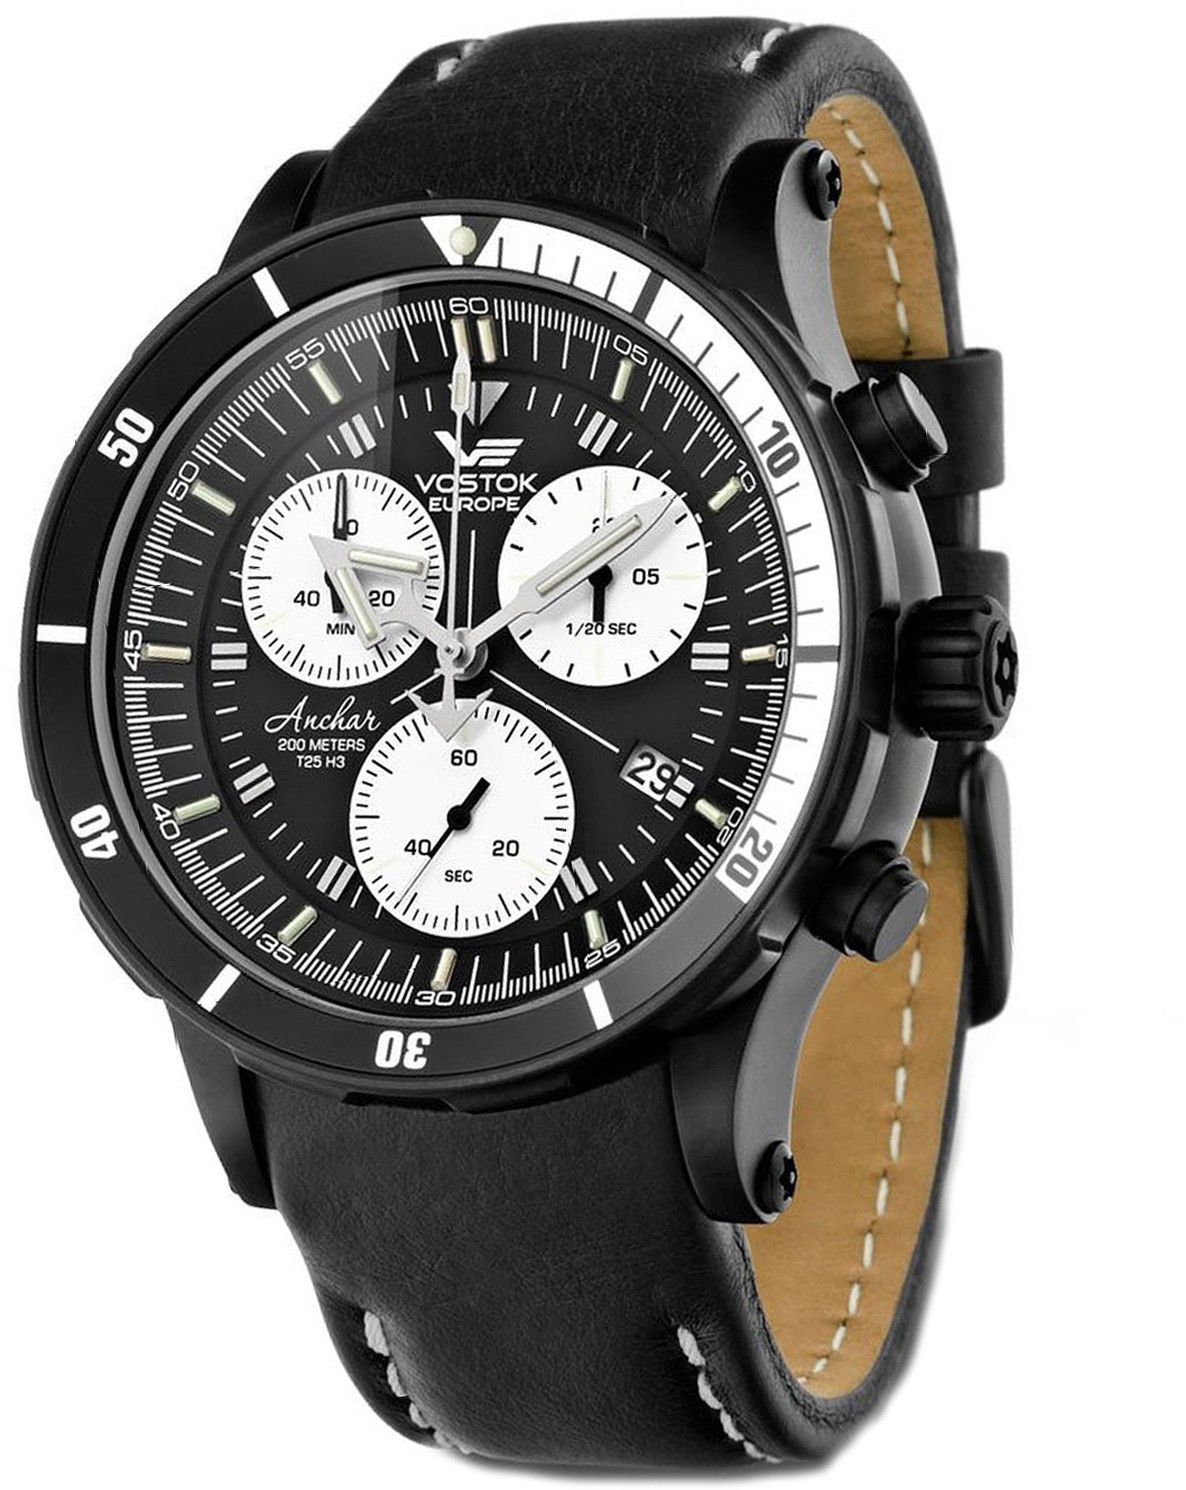 Zegarek Vostok Europe 6S30-5104184 Anchar Chrono - CENA DO NEGOCJACJI - DOSTAWA DHL GRATIS, KUPUJ BEZ RYZYKA - 100 dni na zwrot, możliwość wygrawerowania dowolnego tekstu.